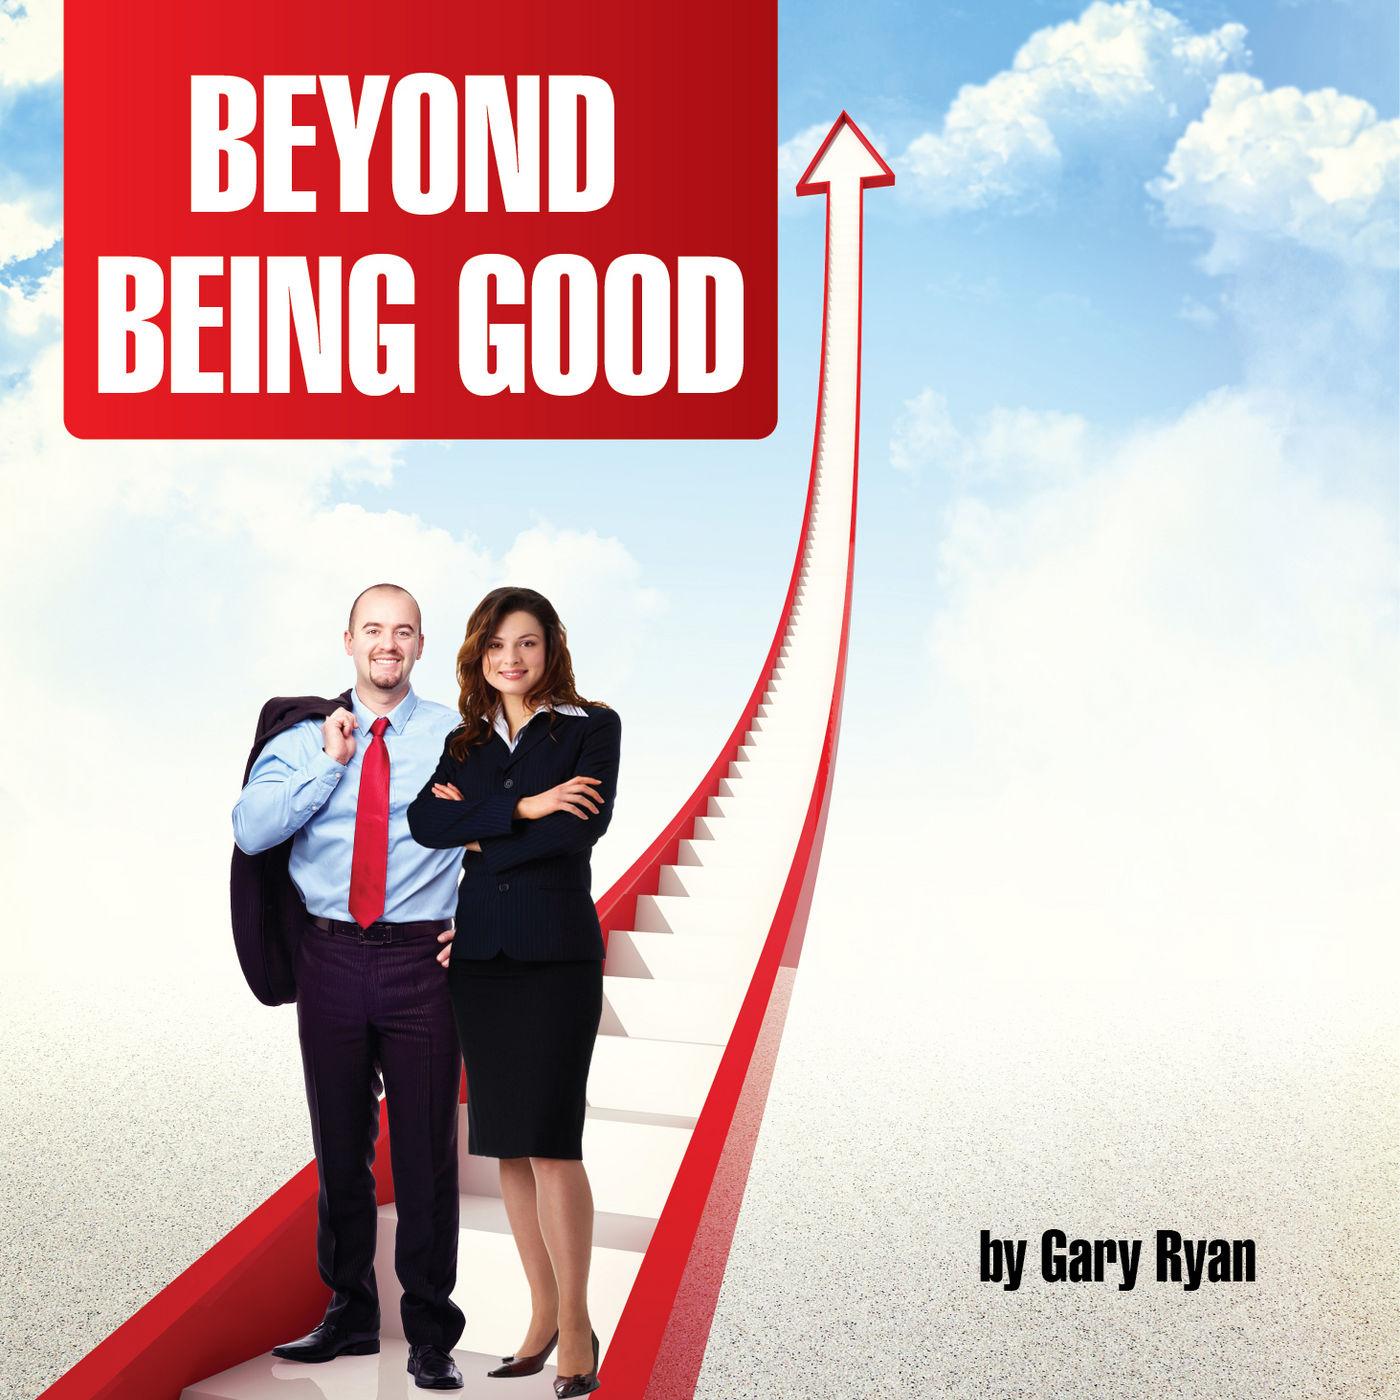 Gary Ryan Moving Beyond Being Good